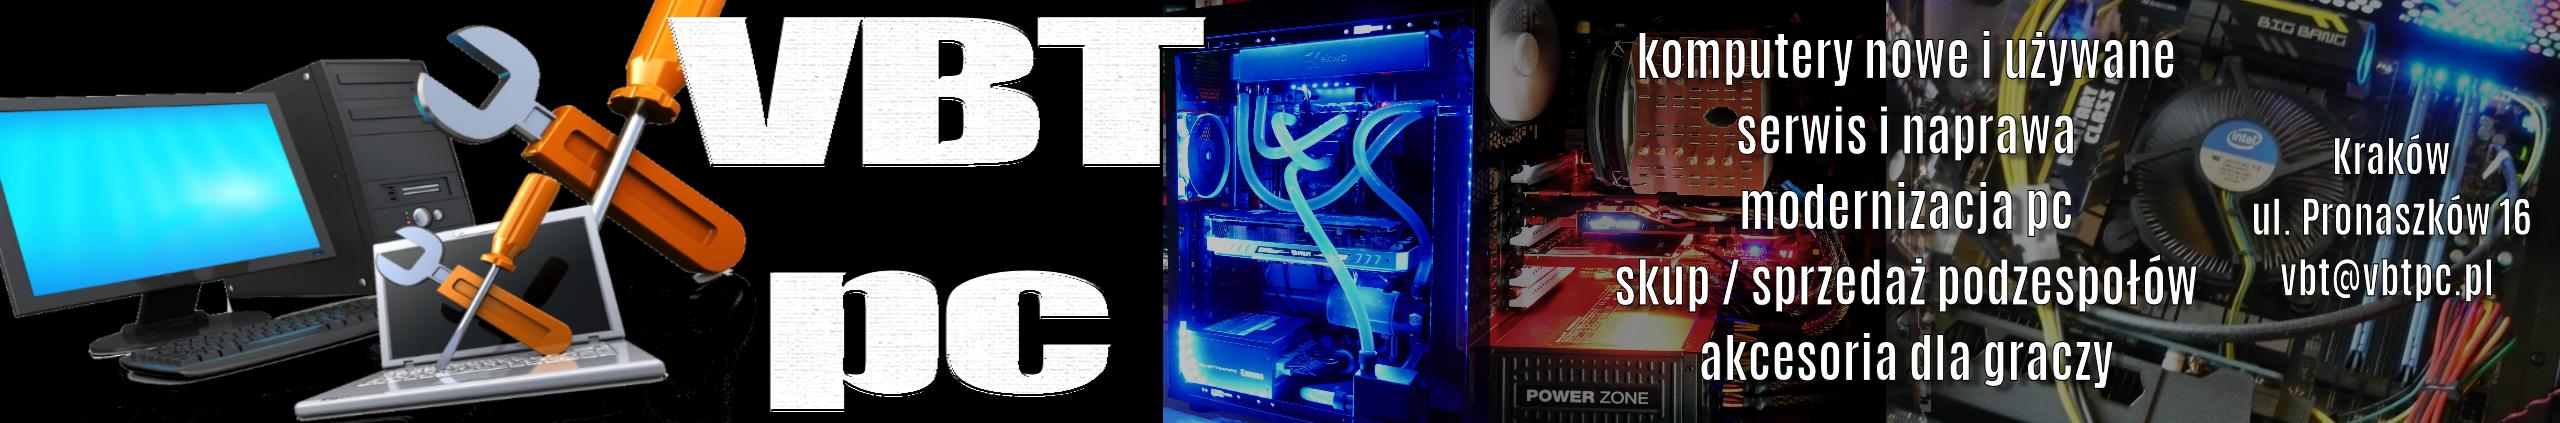 VBT PC - Komputery Kraków - modernizacja, sprzedaż serwis komputerów, customs pc, części nowe i używane, akcesoria, skup podzespołów komputerowych